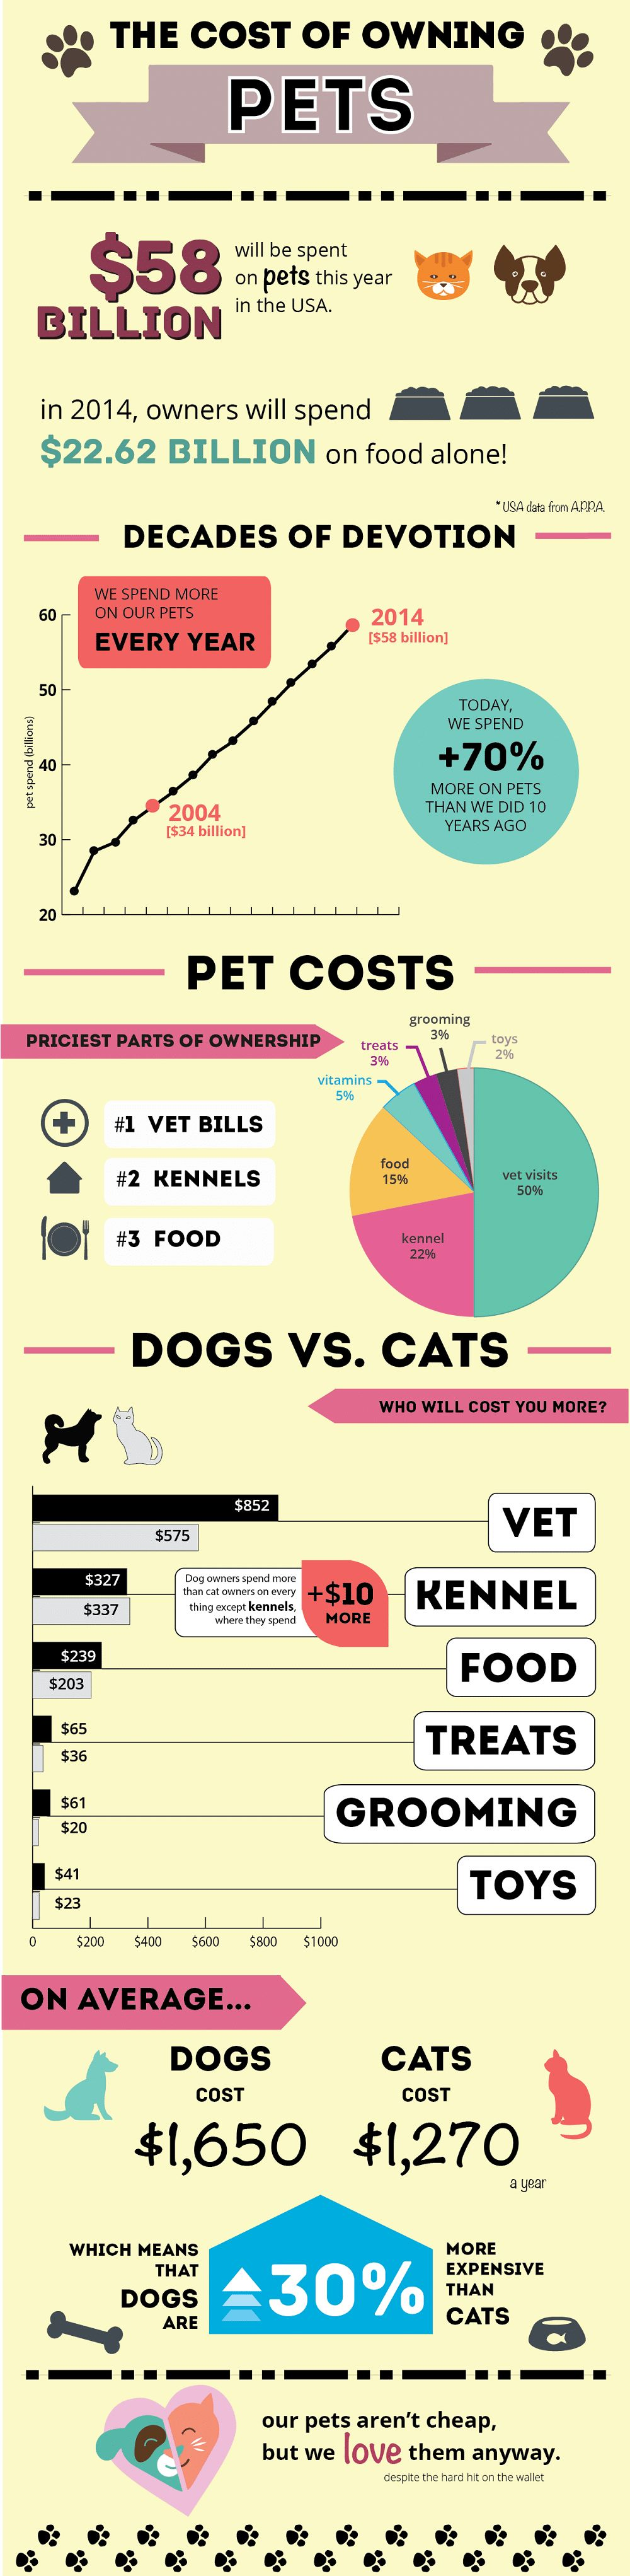 Coste de poseer un perro: datos y cifras que cada propietario potencial del perro debe saber